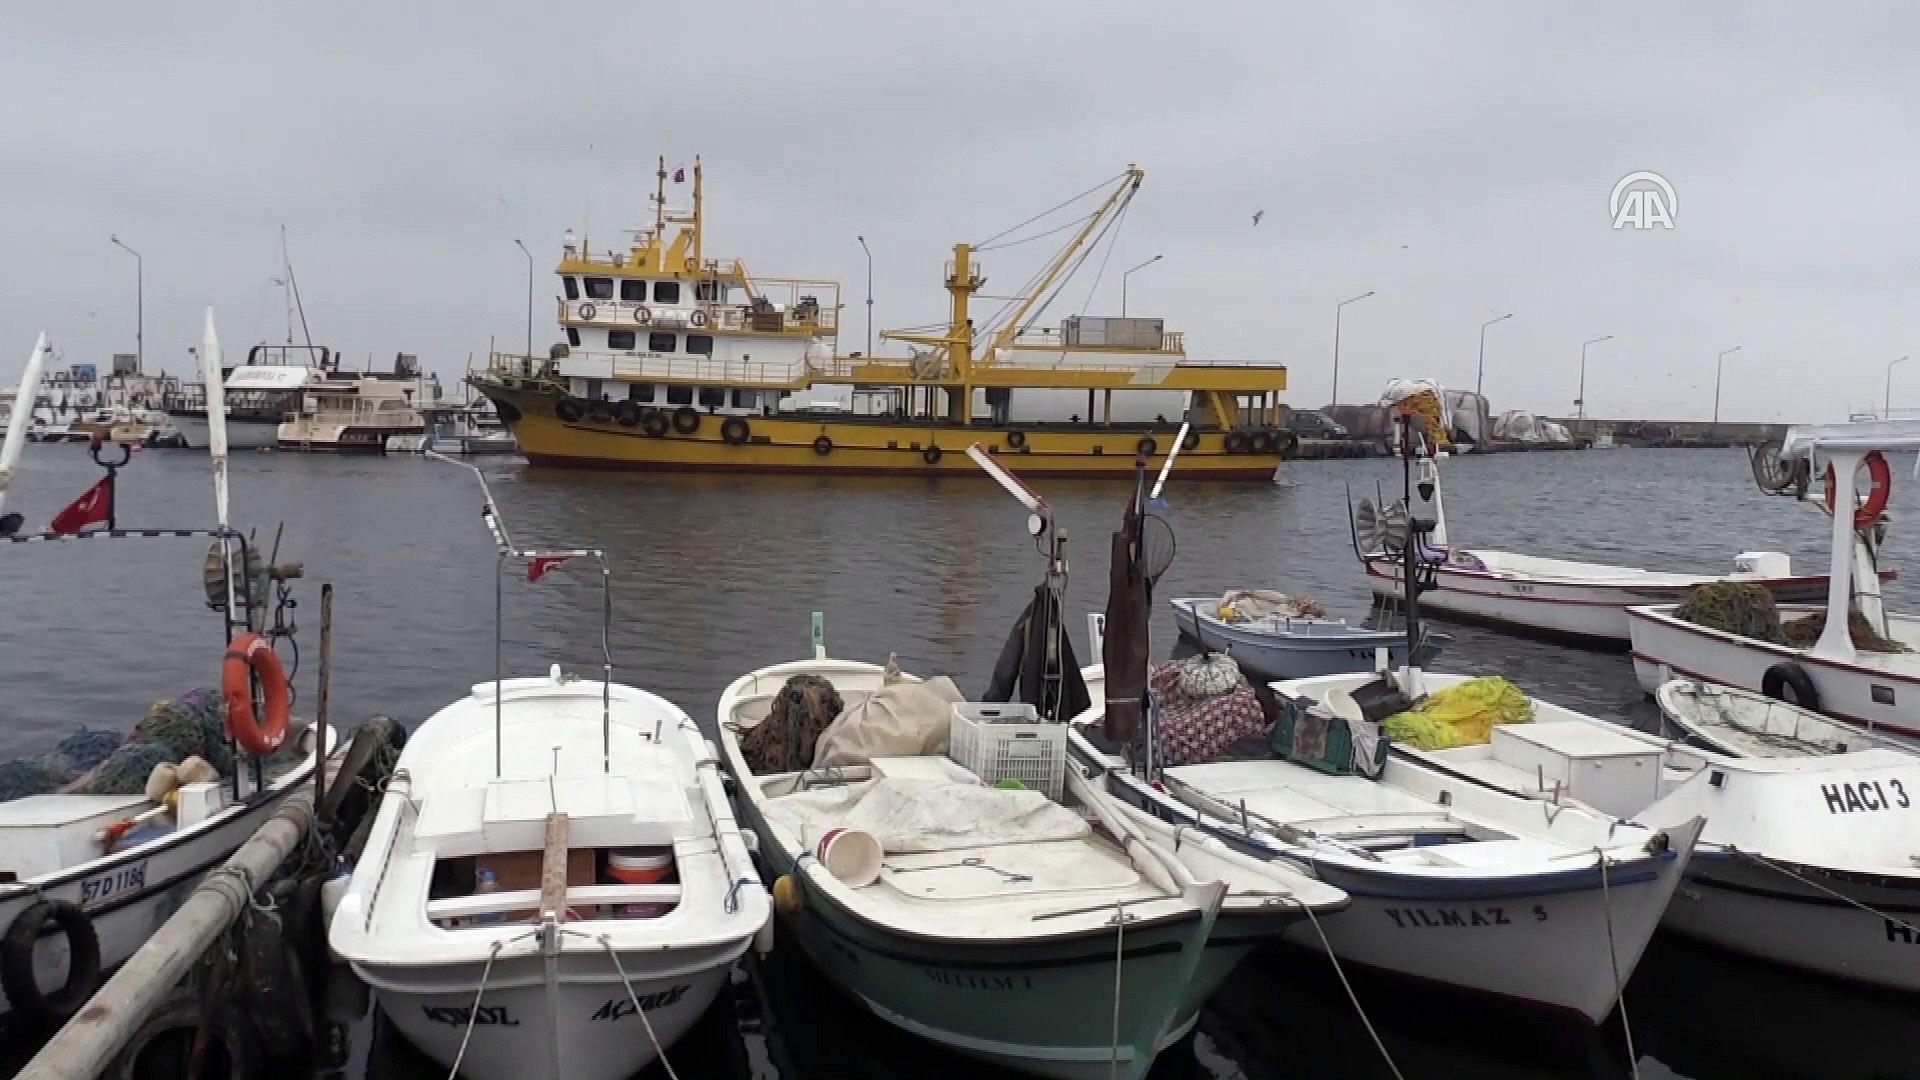 Balıkçılar yüzde 80'lik düşüşün araştırılmasını istiyor - SİNOP